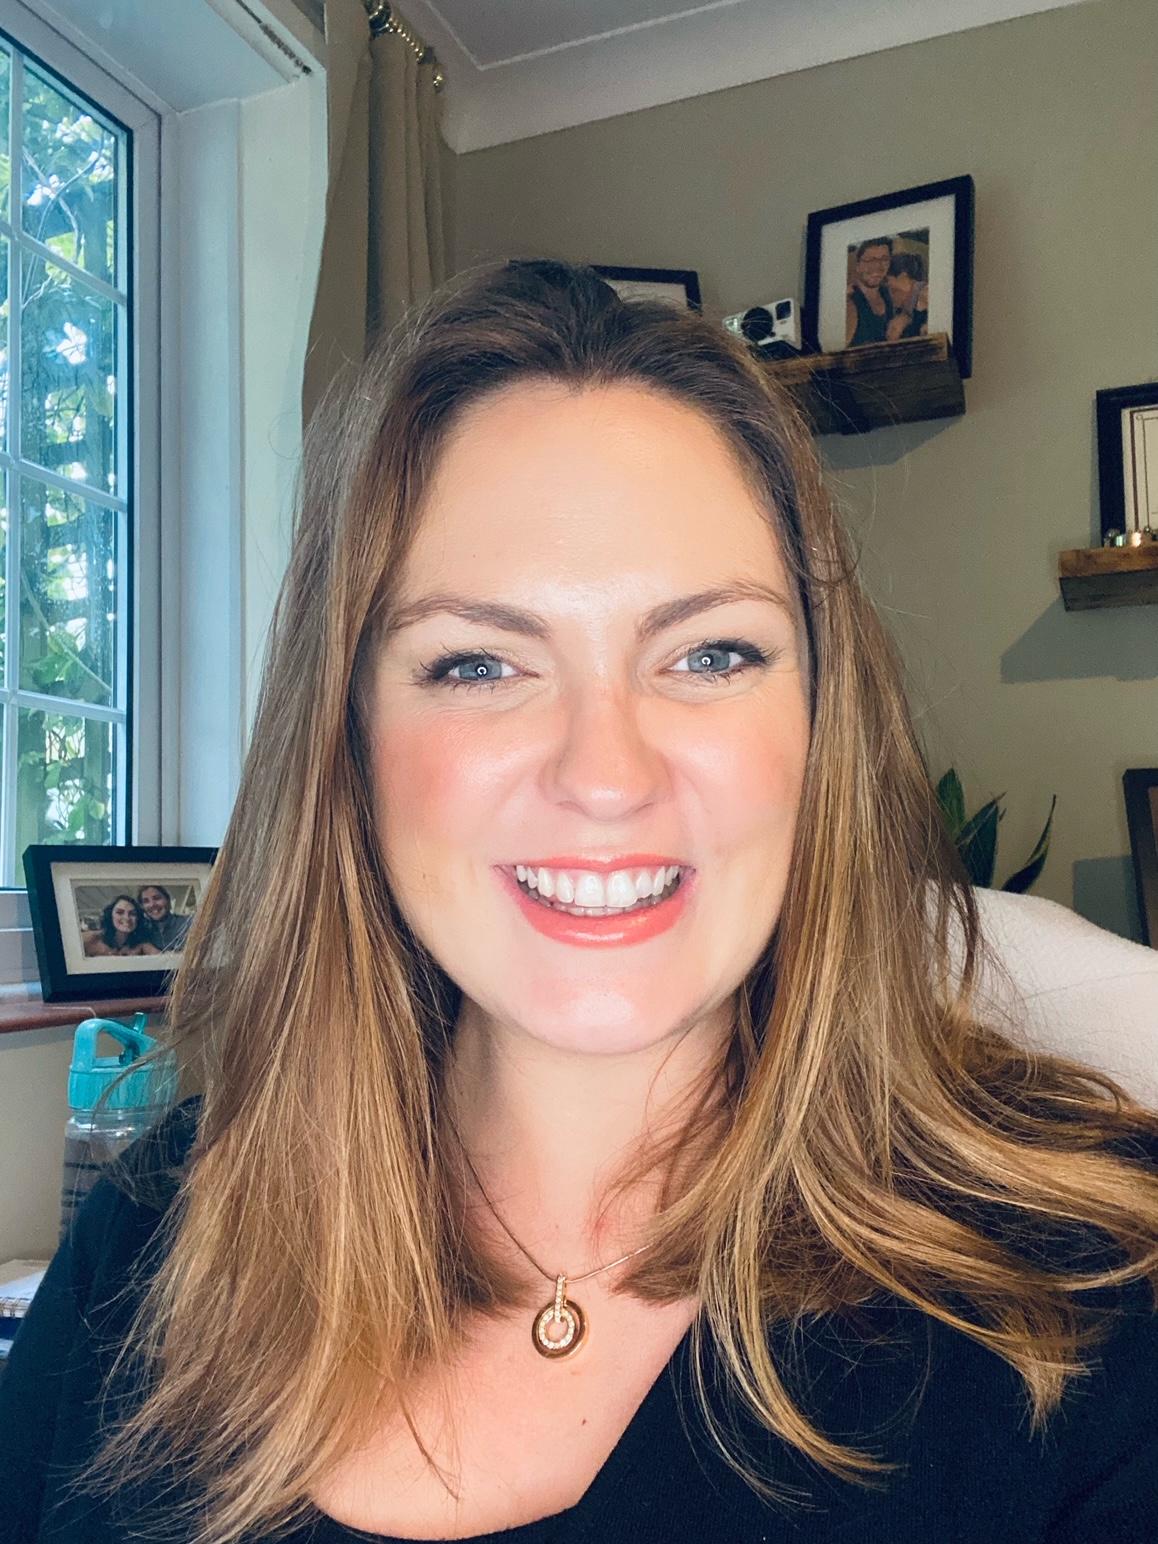 Nichole Farrow in her office